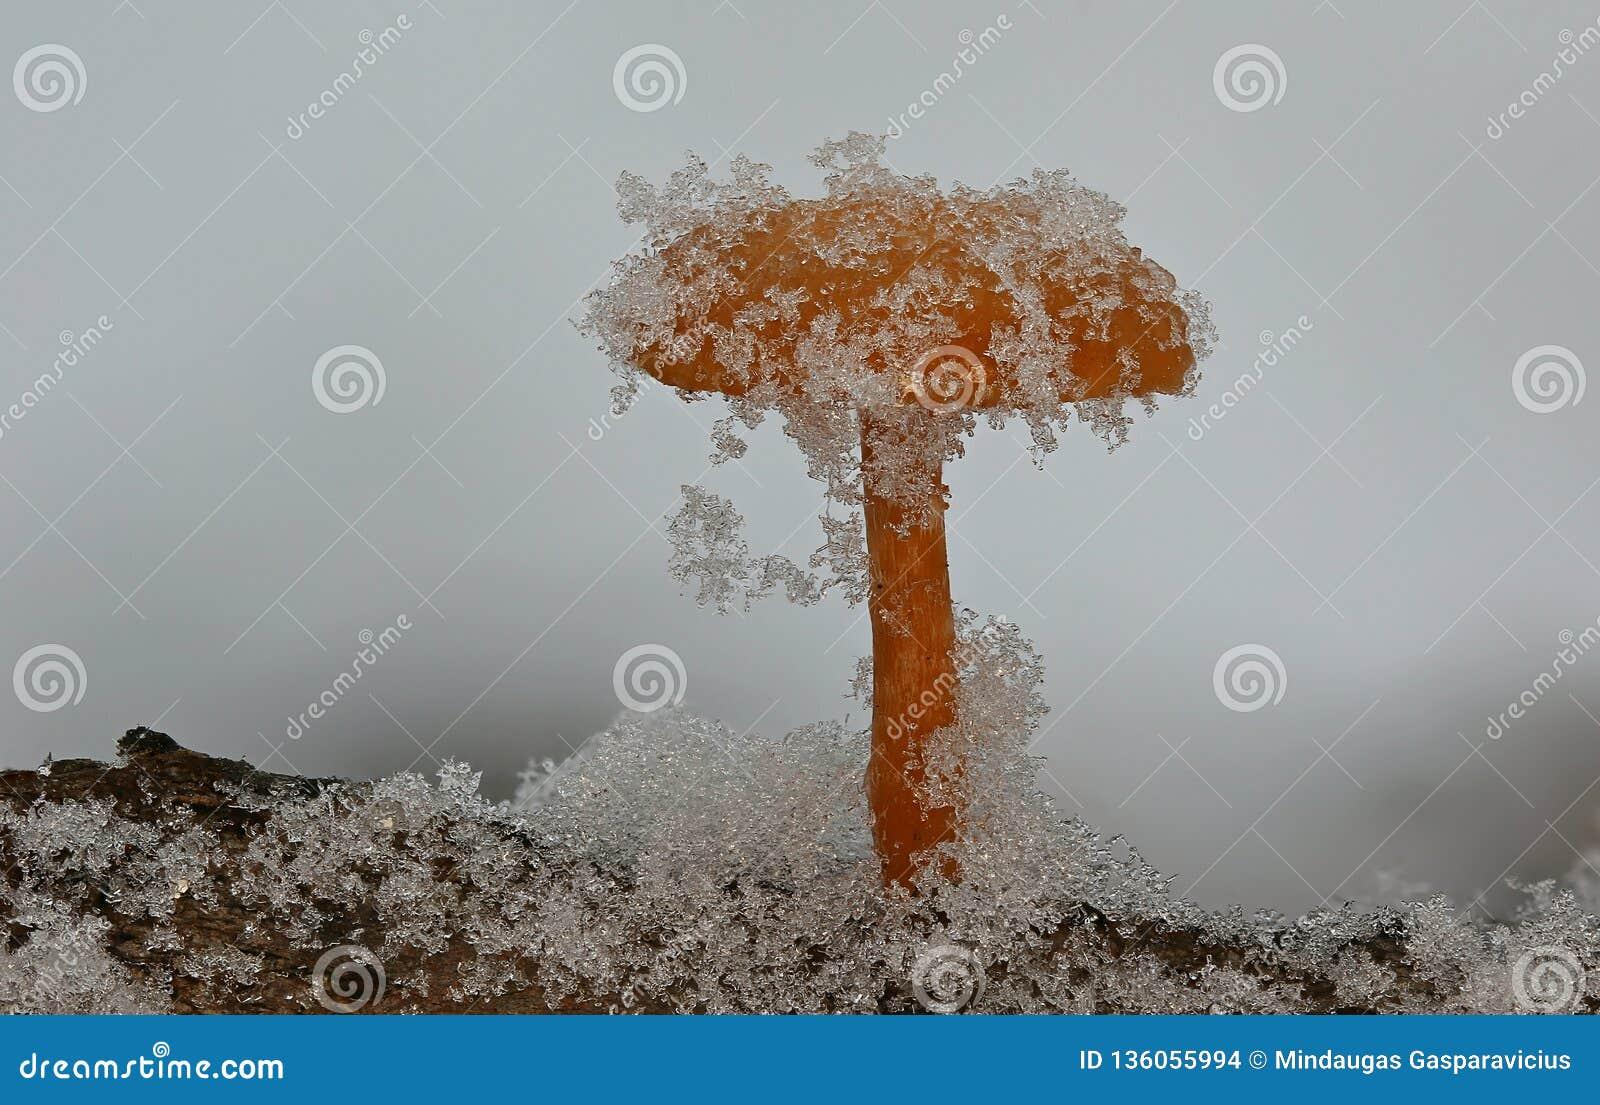 在软的雪下的冬菇